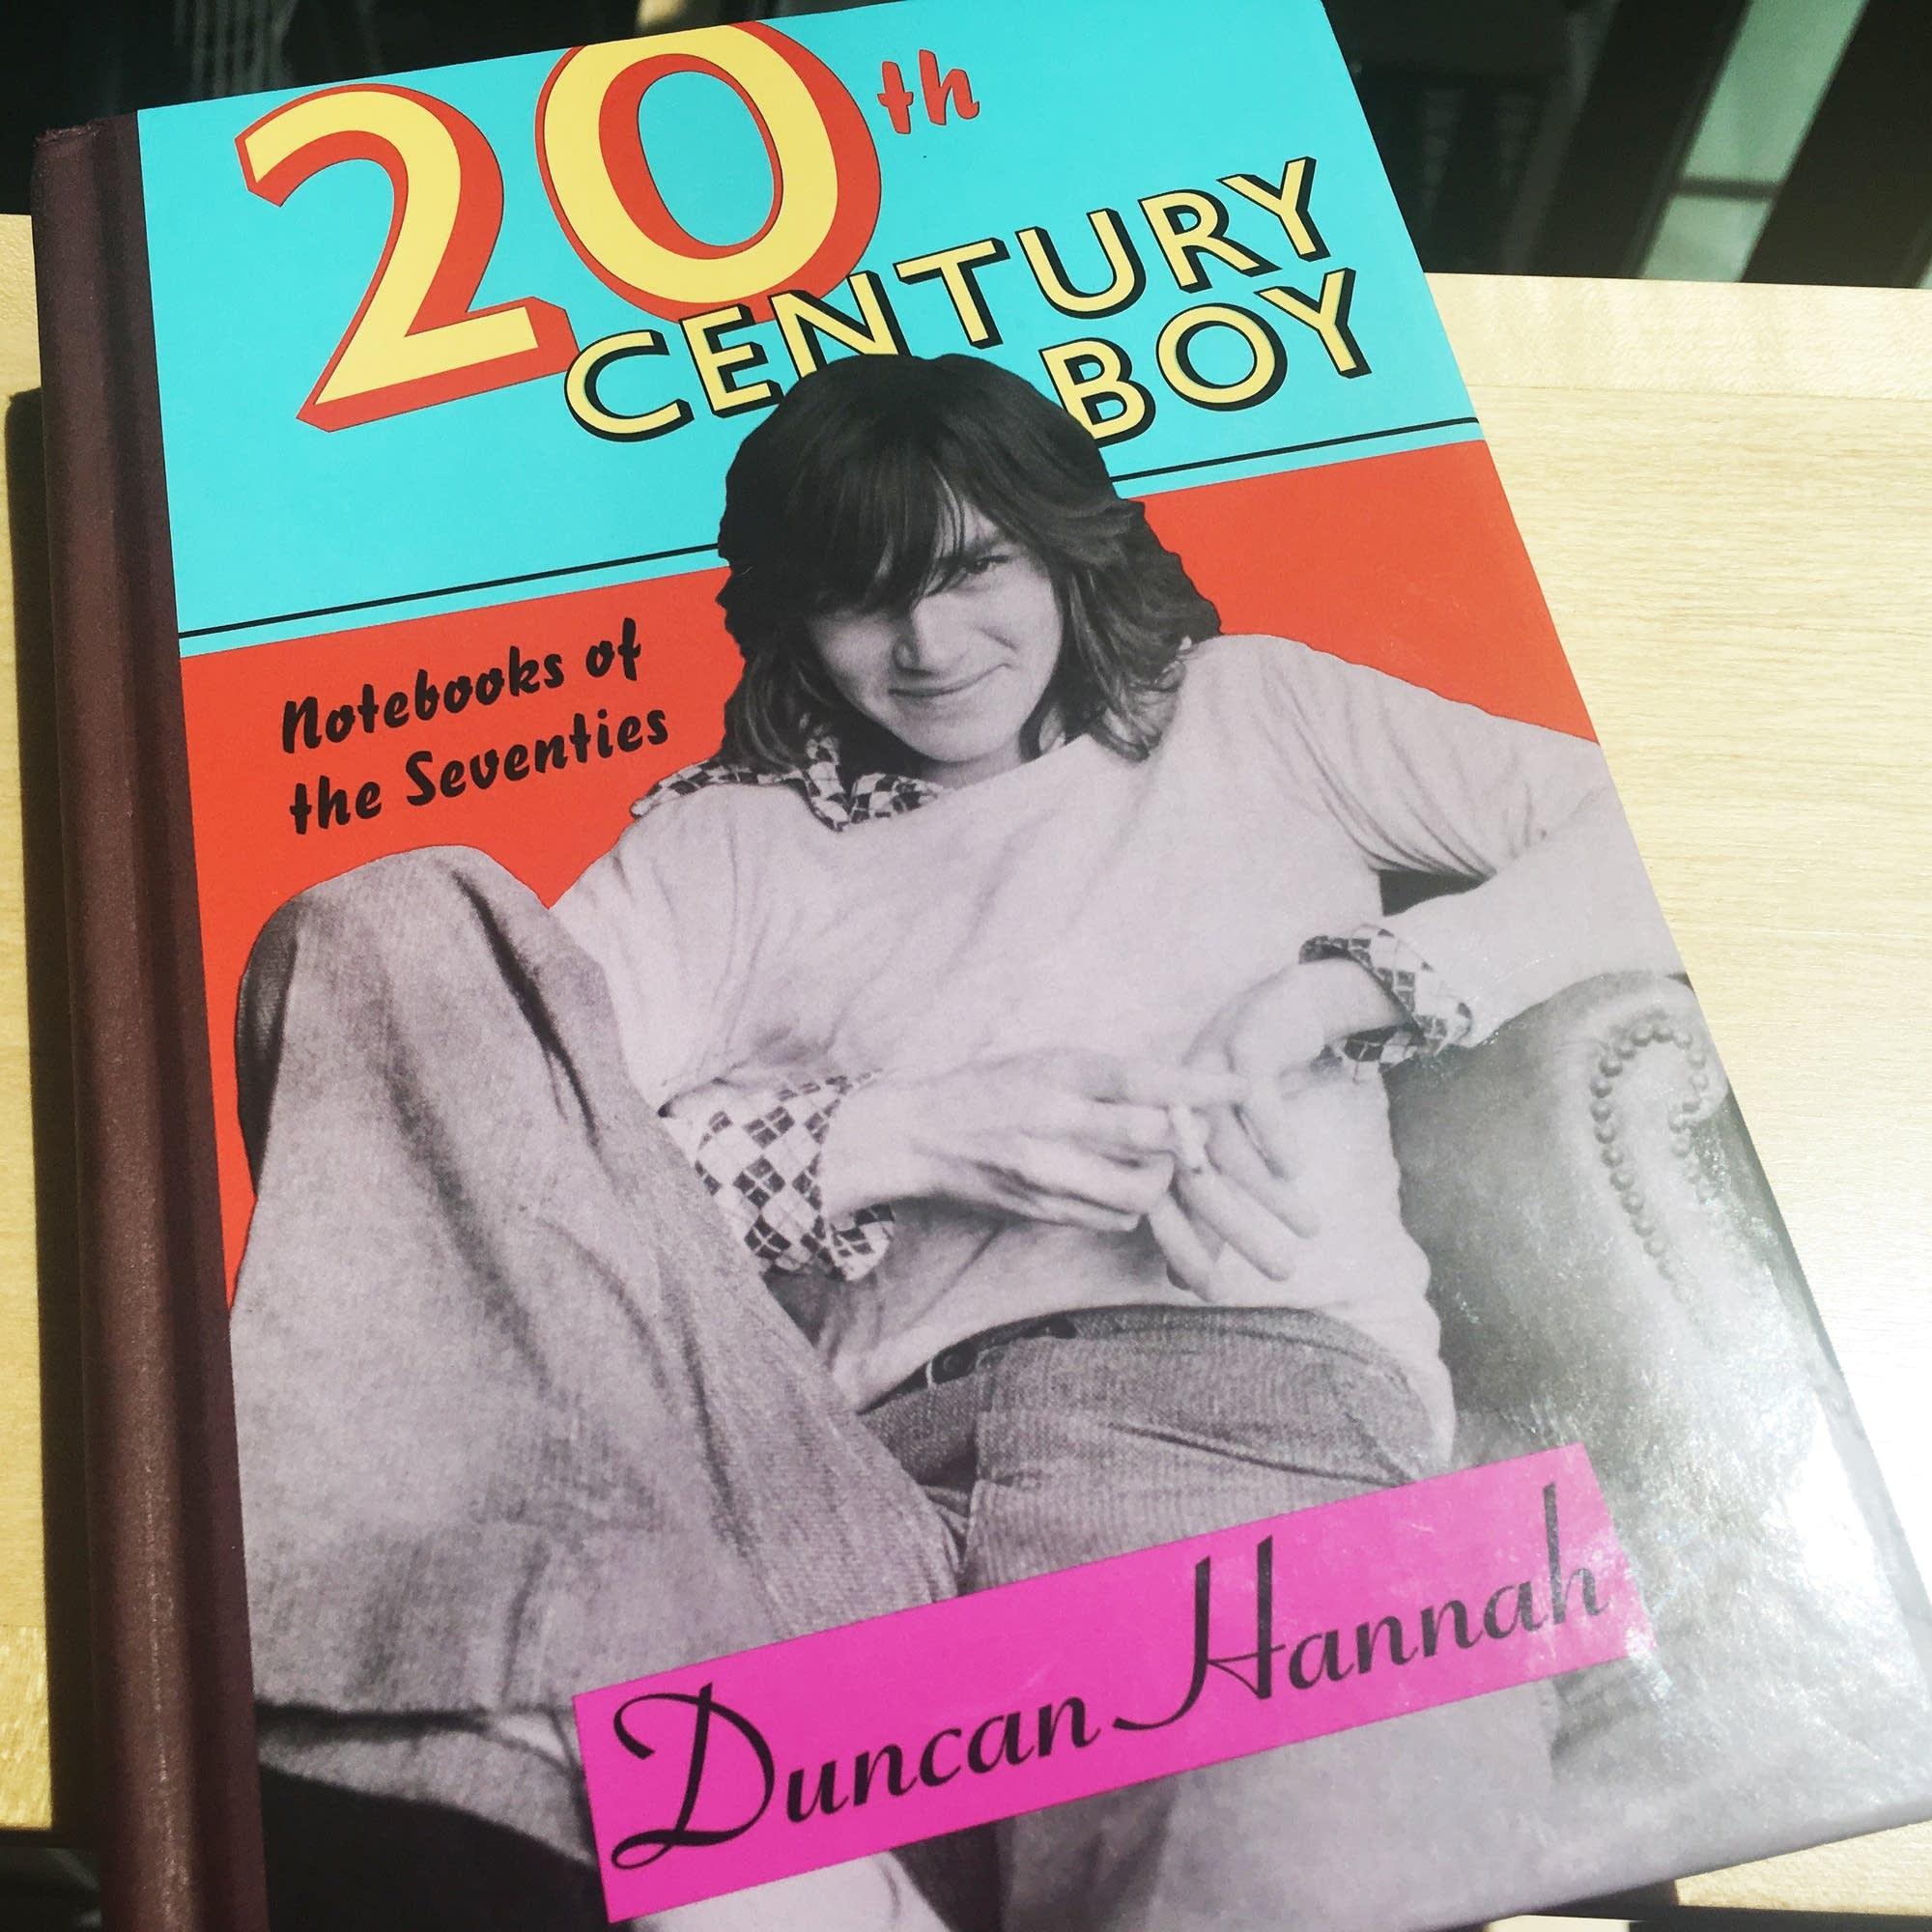 Duncan Hannah's '20th Century Boy.'